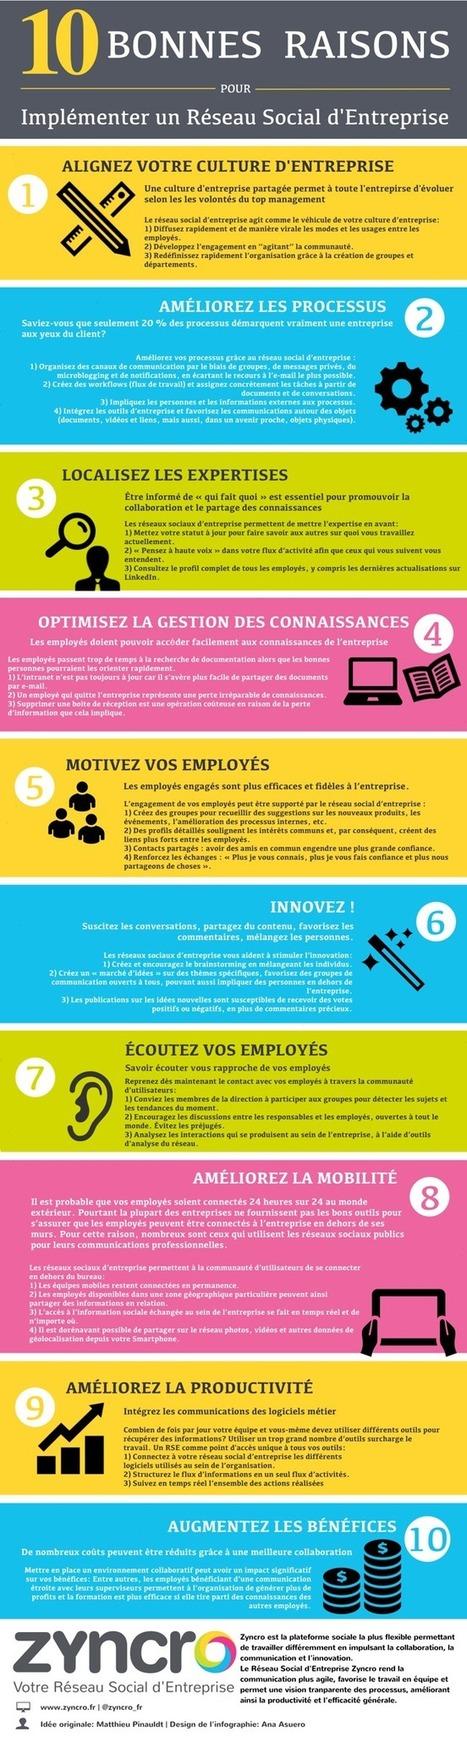 10 bonnes raisons pour implémenter un Réseau Social d'Entreprise   Réseaux sociaux, réseaux sociaux d'entreprise, réseaux collaboratifs...   Scoop.it